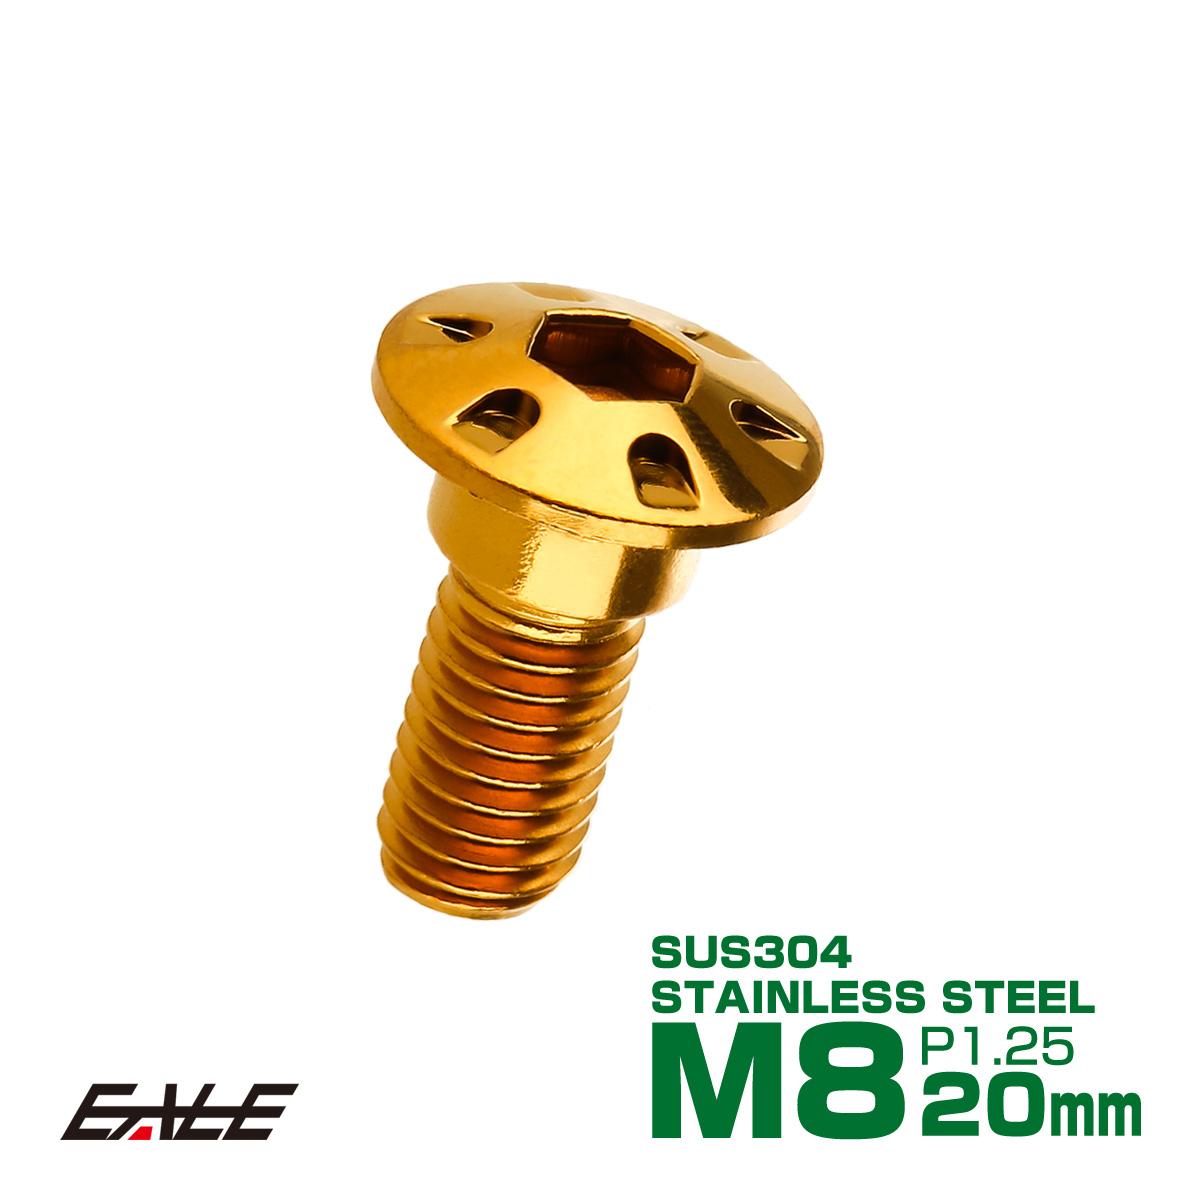 SUSステンレス製 M8×20mm P1.25 ブレーキ ディスク ローター ボルト デザインヘッド ホンダ車用 ゴールド TD0124